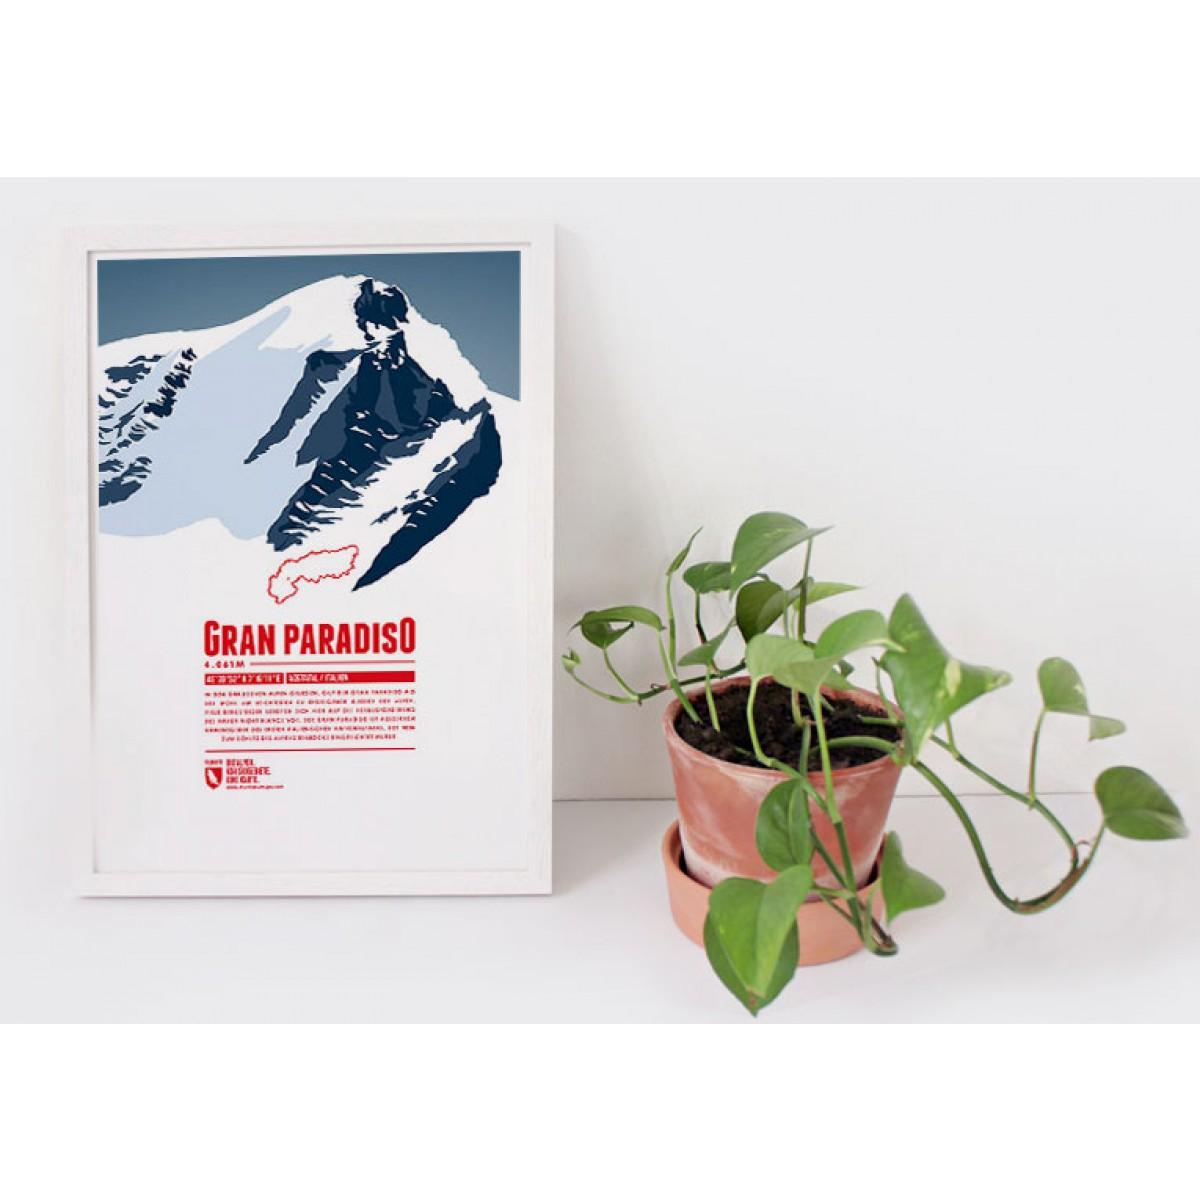 Gran Paradiso - Bergdruck